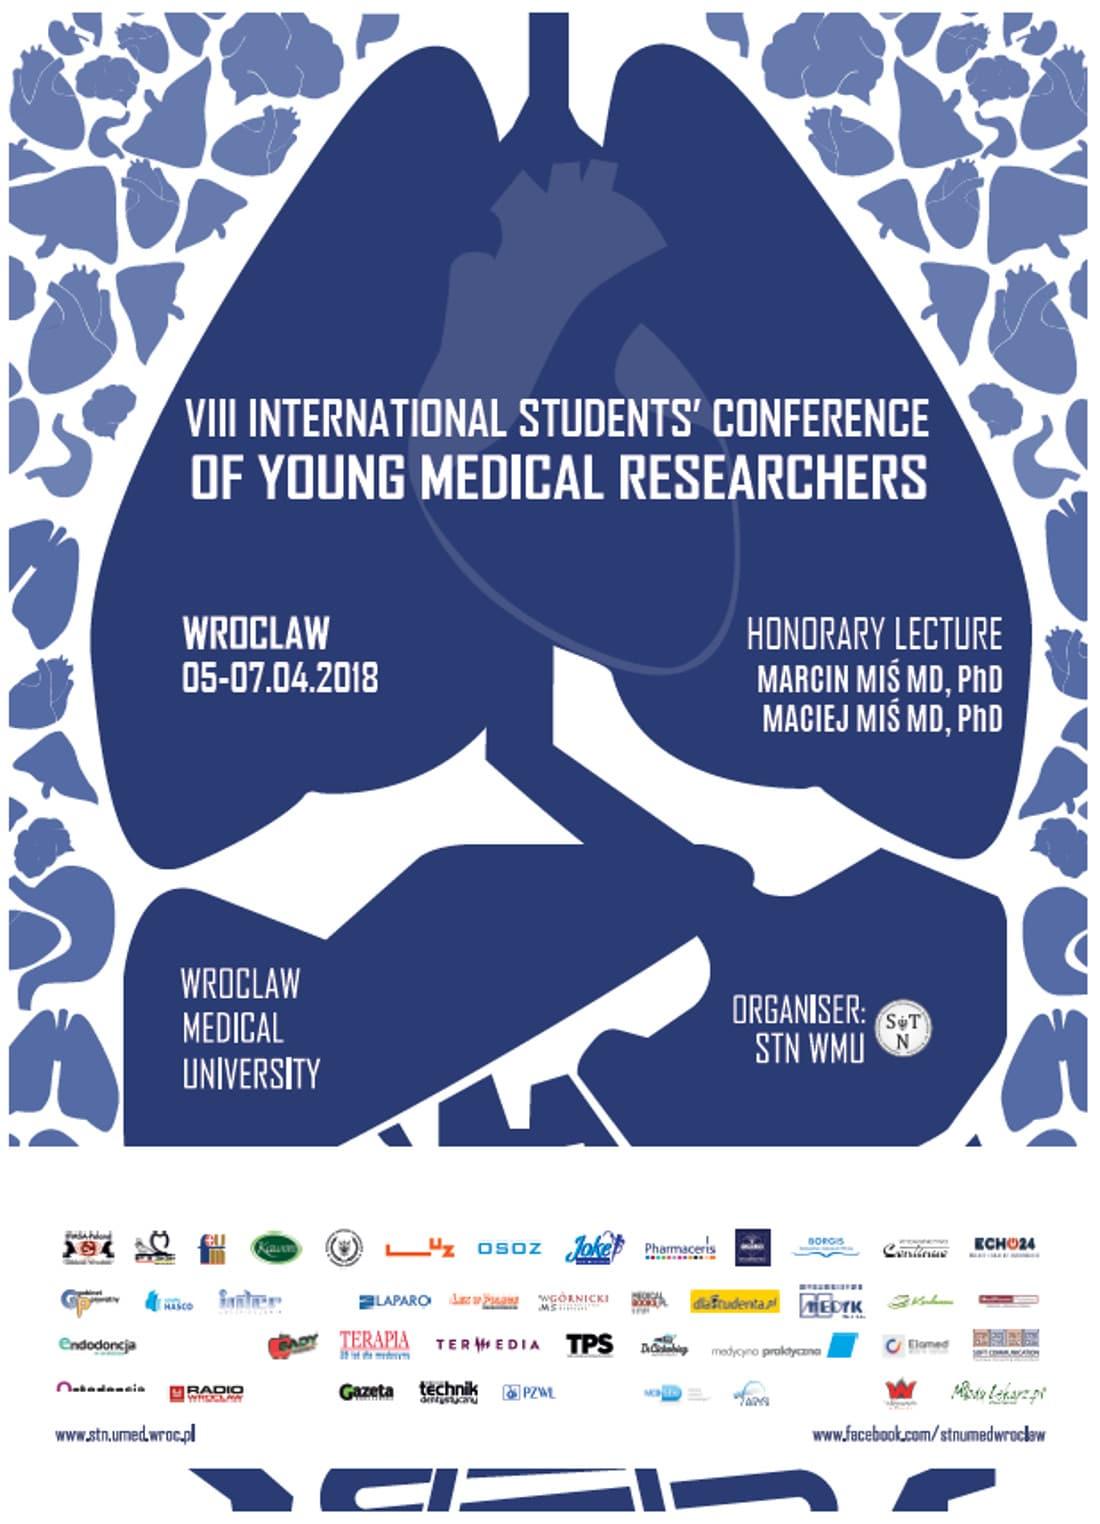 Konferencja odbędzie się w dniach 5-7 kwietnia 2018 roku.